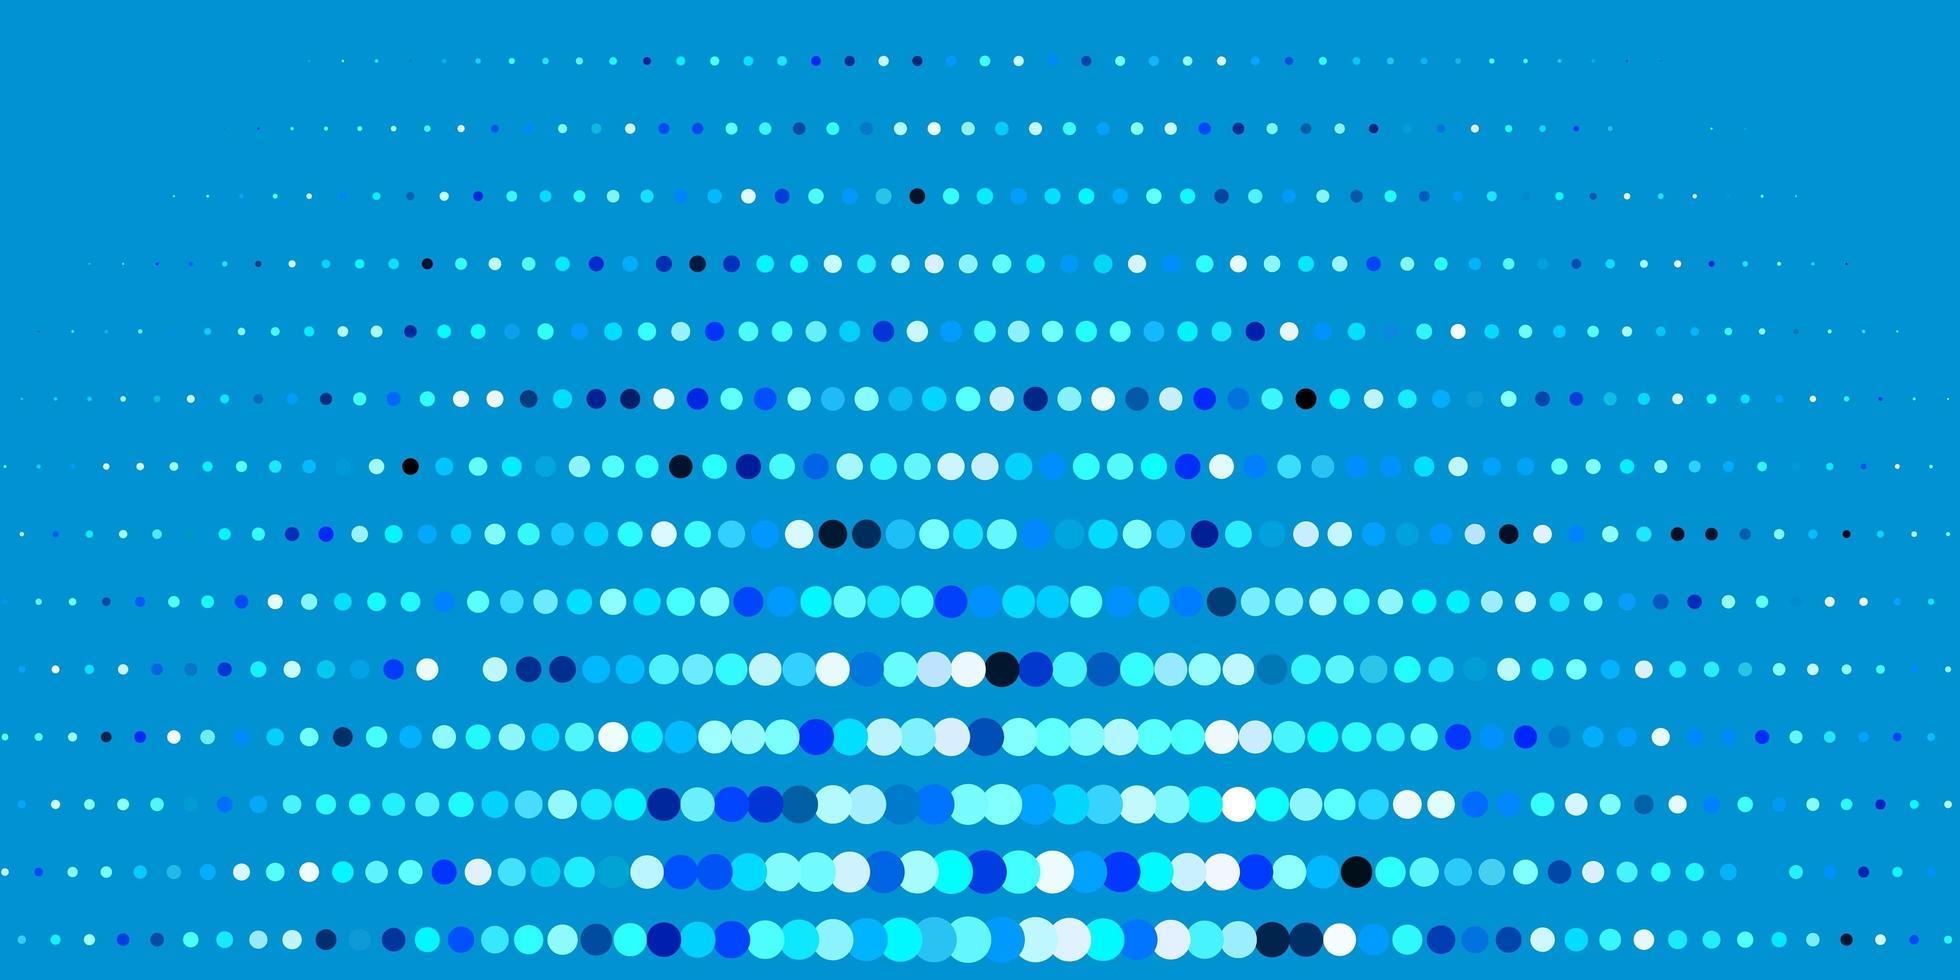 dunkelblauer Vektorhintergrund mit Blasen. vektor